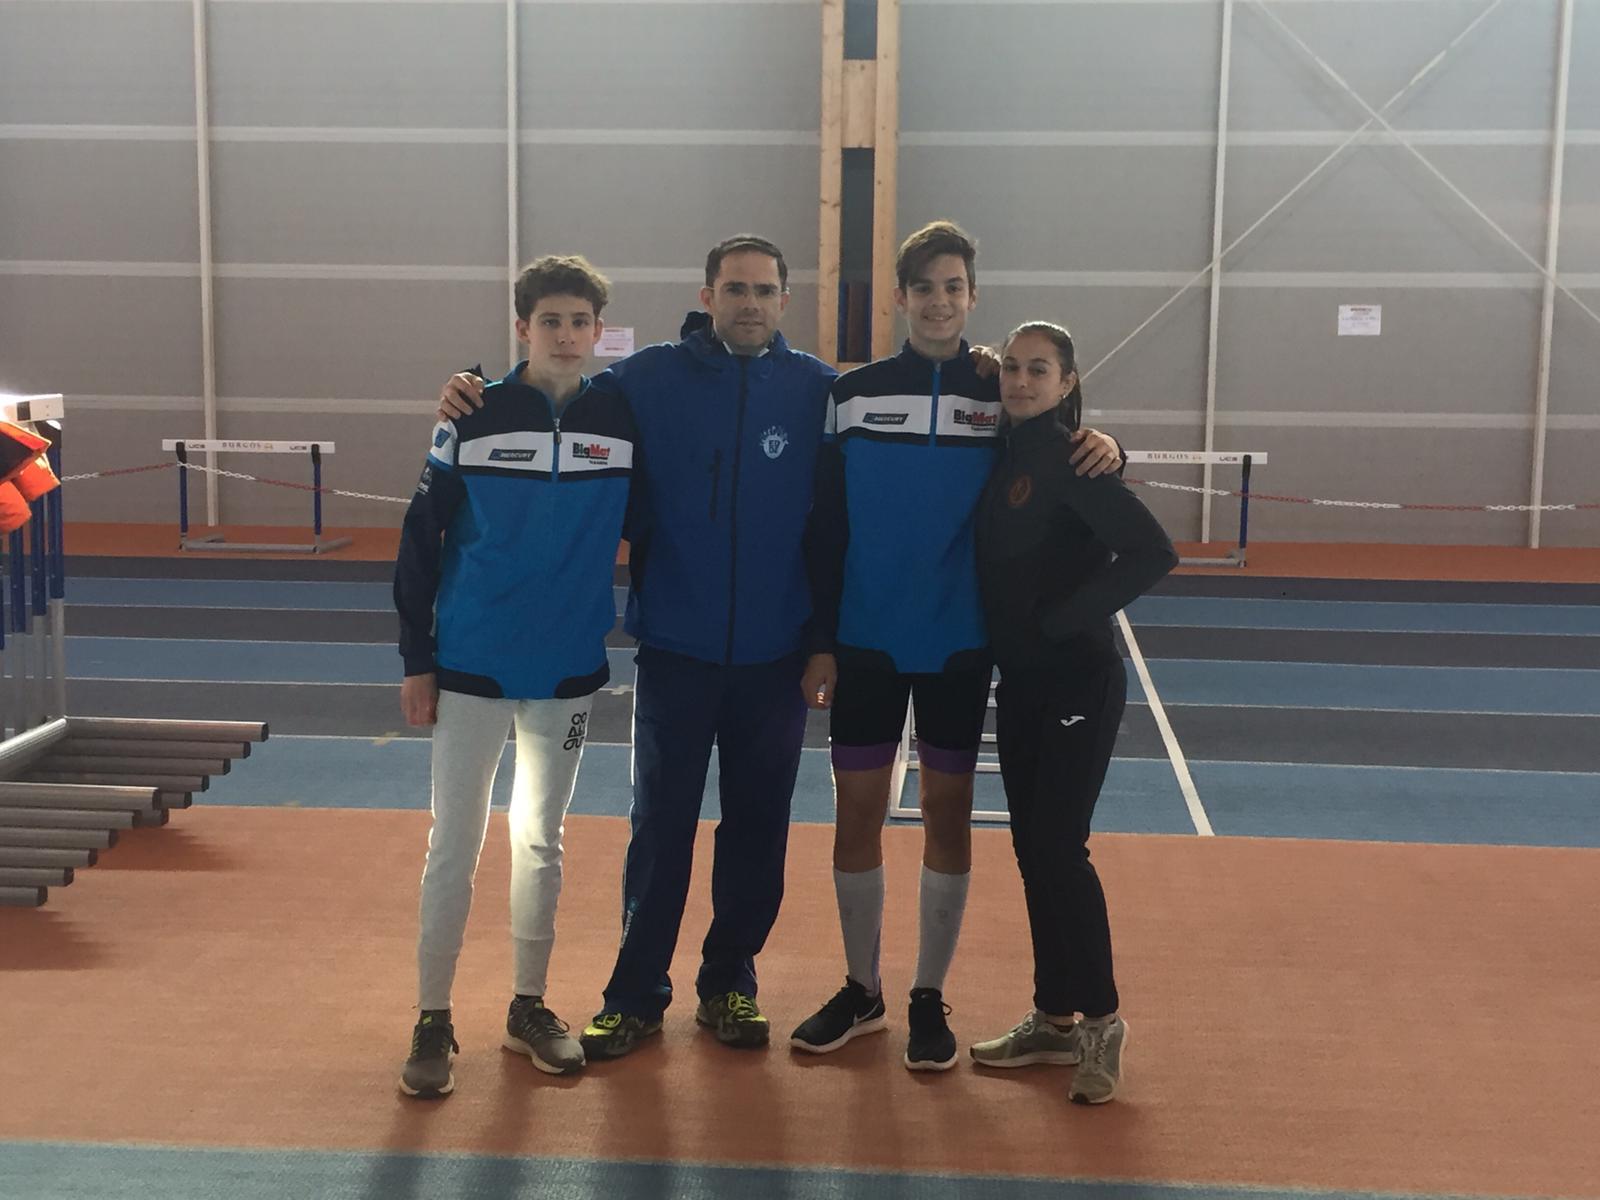 Los atletas del Club de Atletismo Joaquín Blume y del Vélox Atletismo consiguen marcas personales en el II Control en Pista Cubierta de Burgos